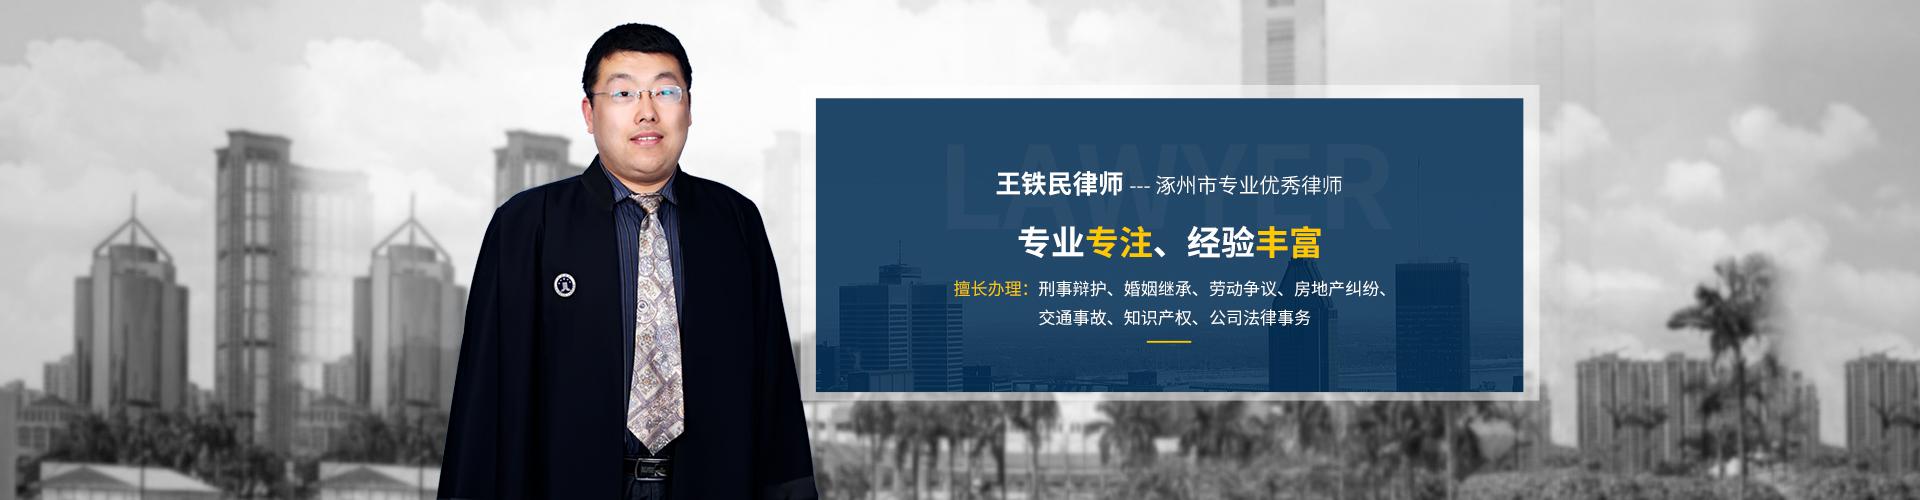 王铁民律师